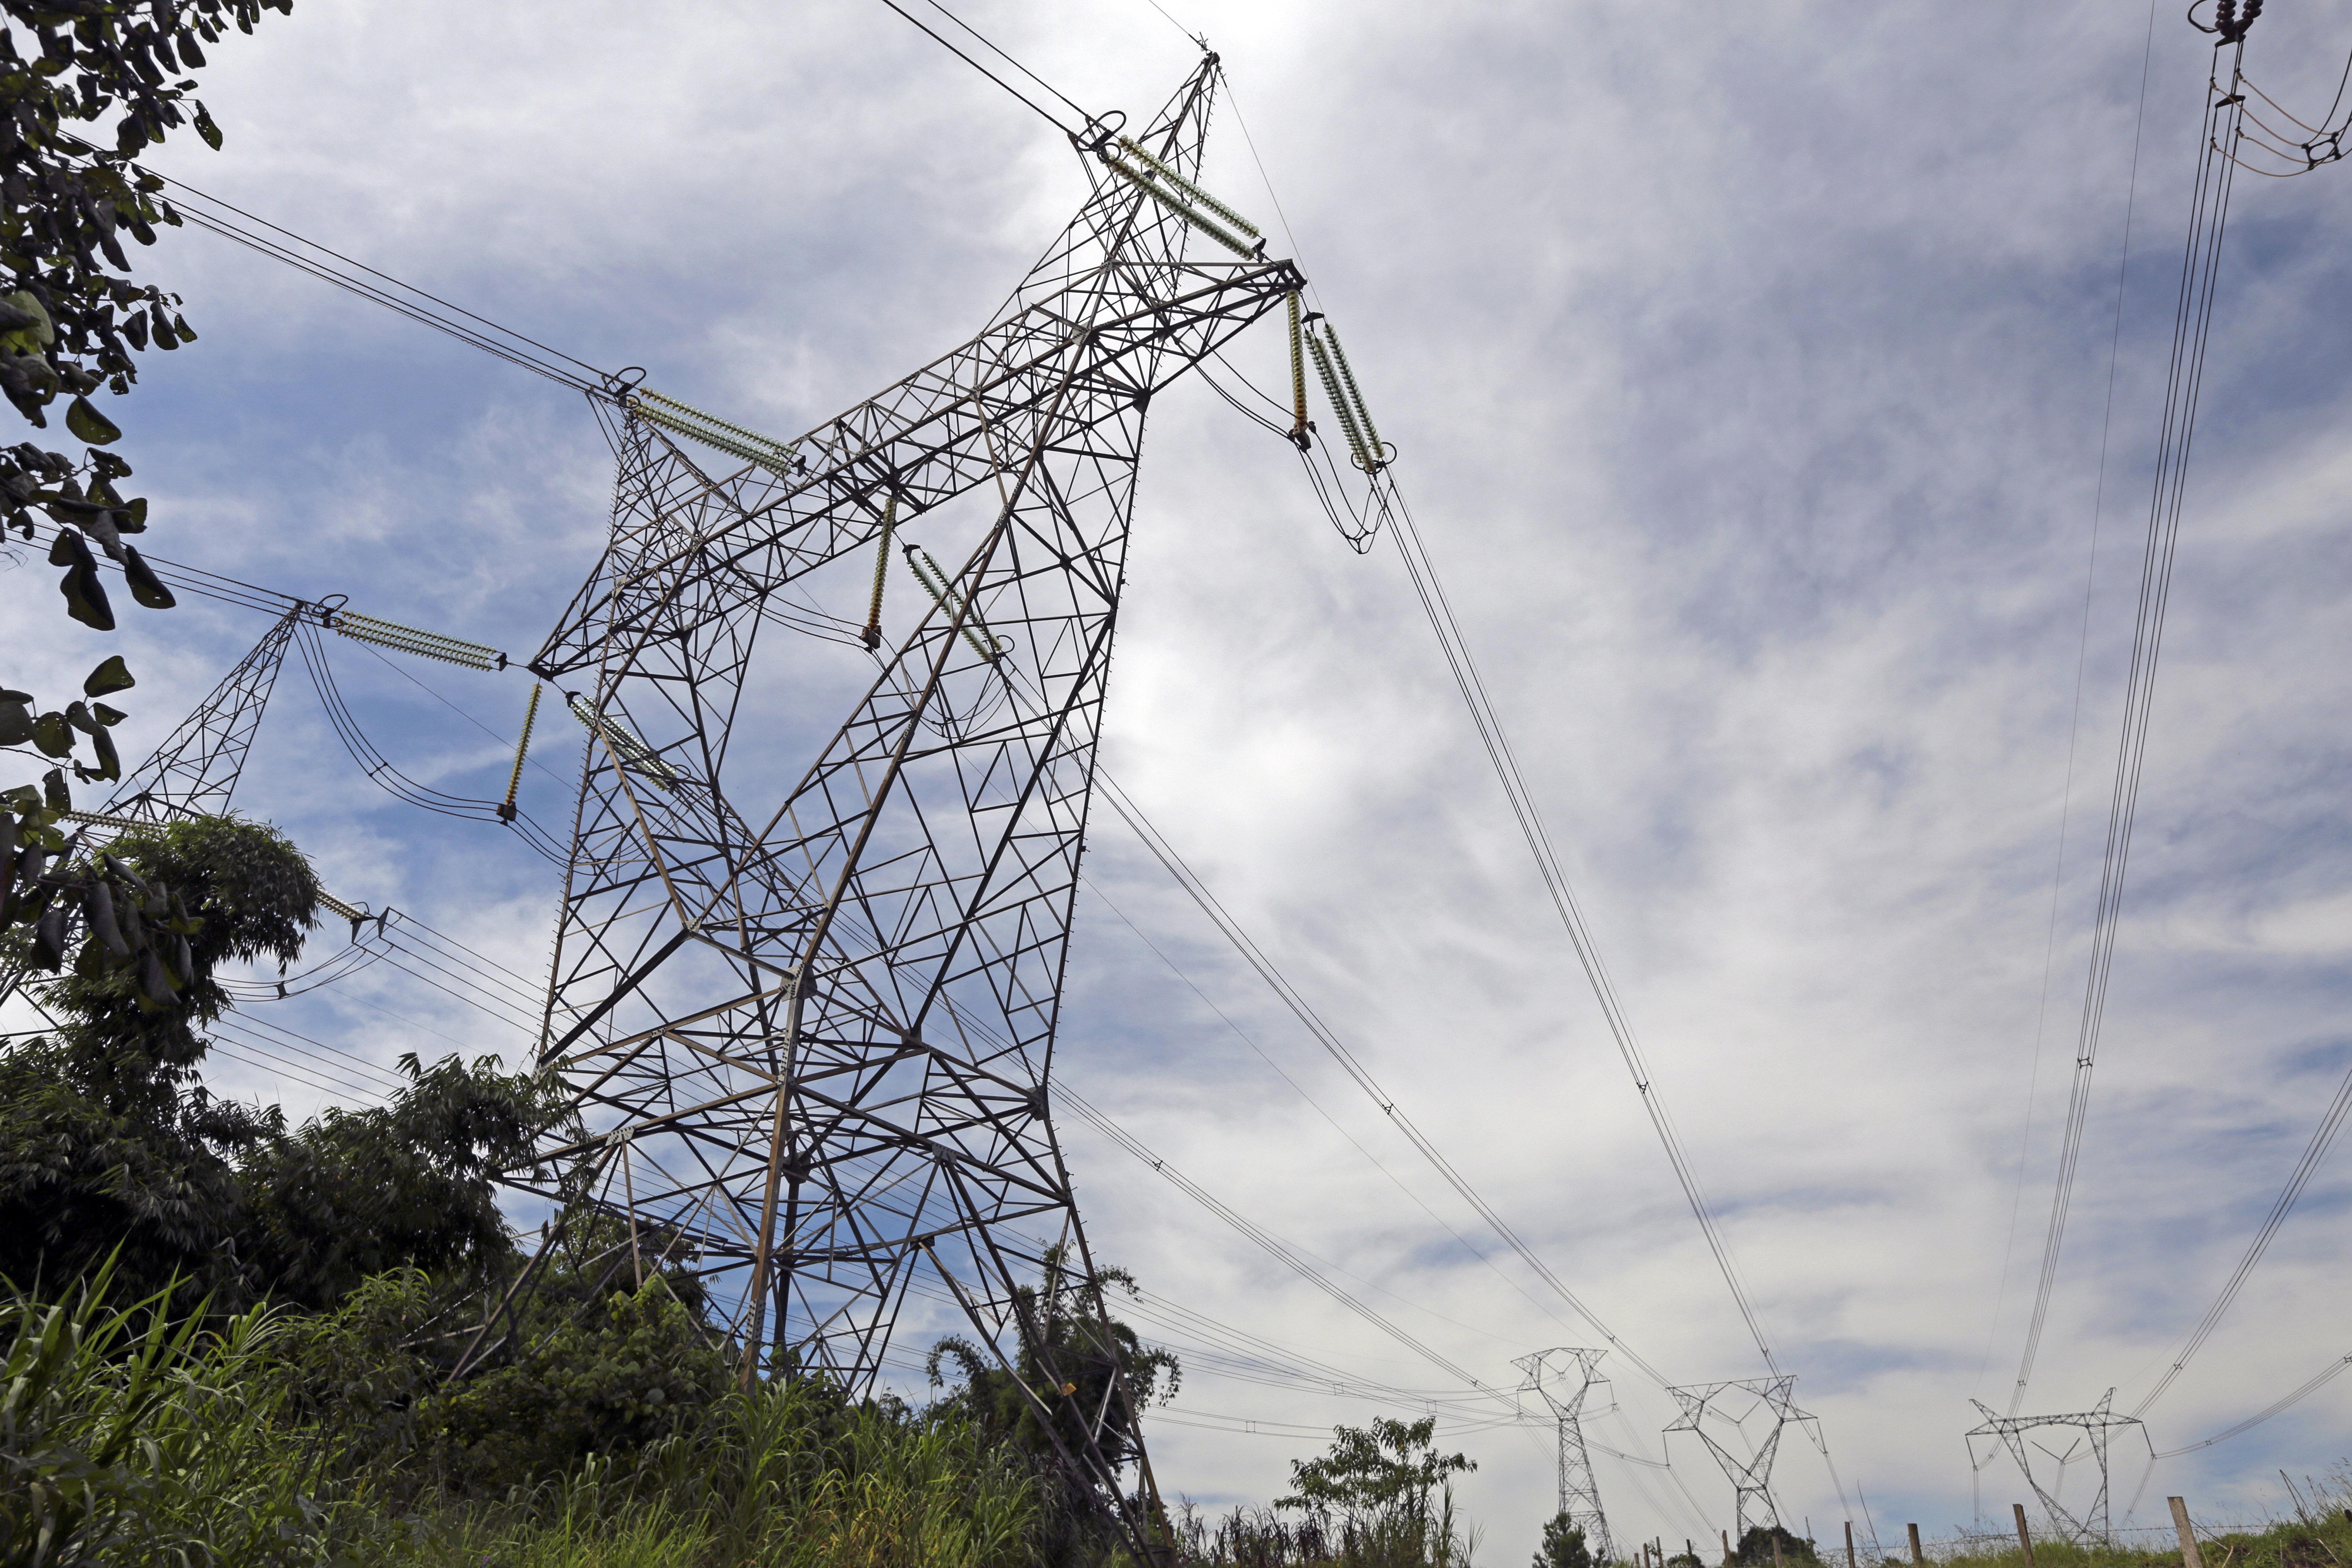 Electricité: hausse prévue de la demande durant la période de pointe de l'été